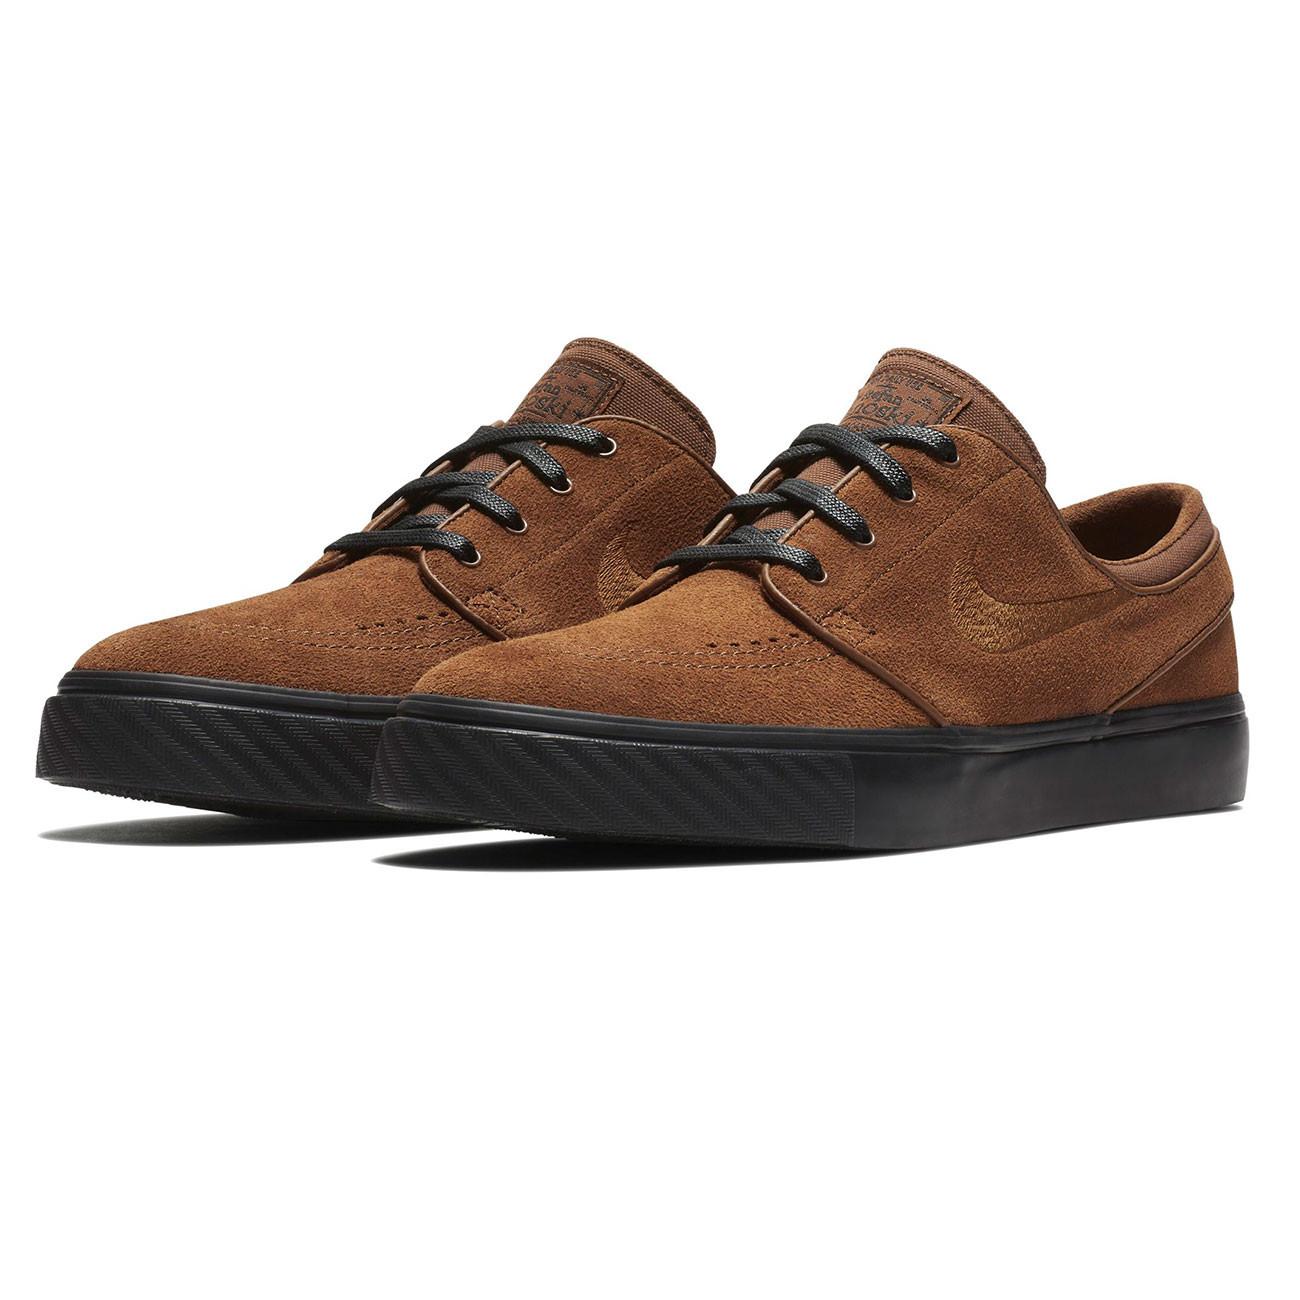 Sneakers Nike SB Zoom Stefan Janoski lt british tan lt british tn ... 18b5f23895